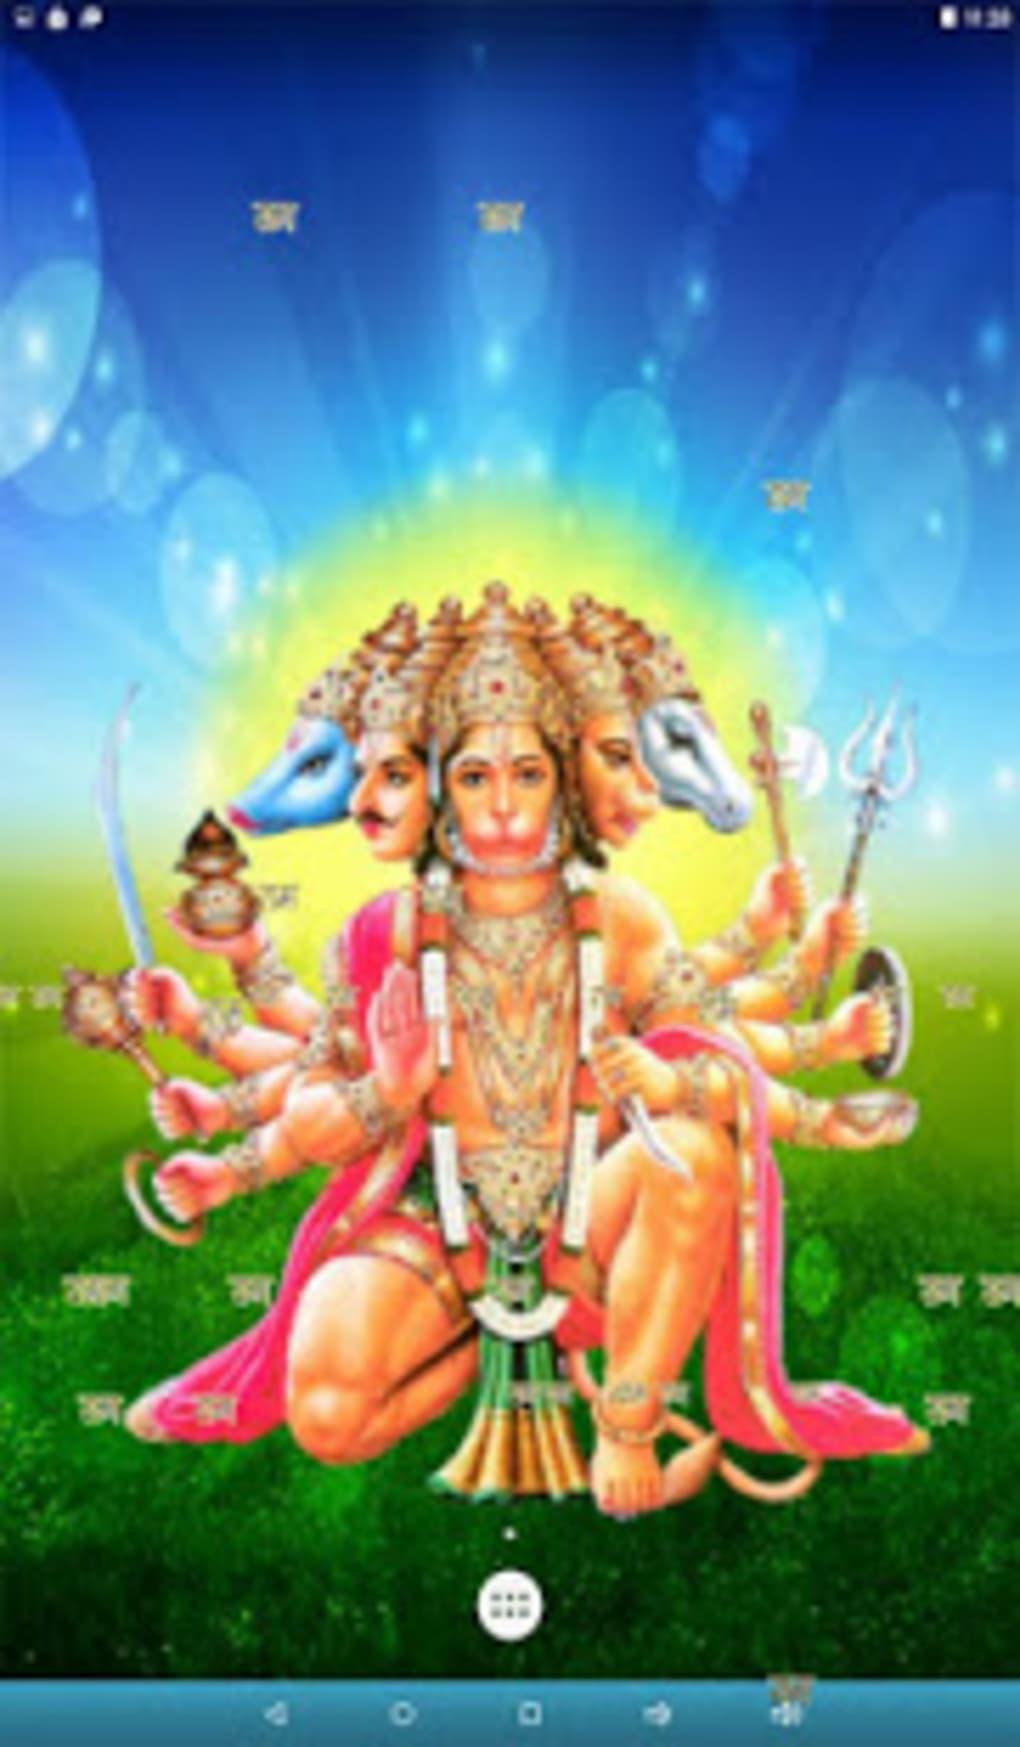 Hanuman 3d Live Wallpaper - Savannah Wallpaper